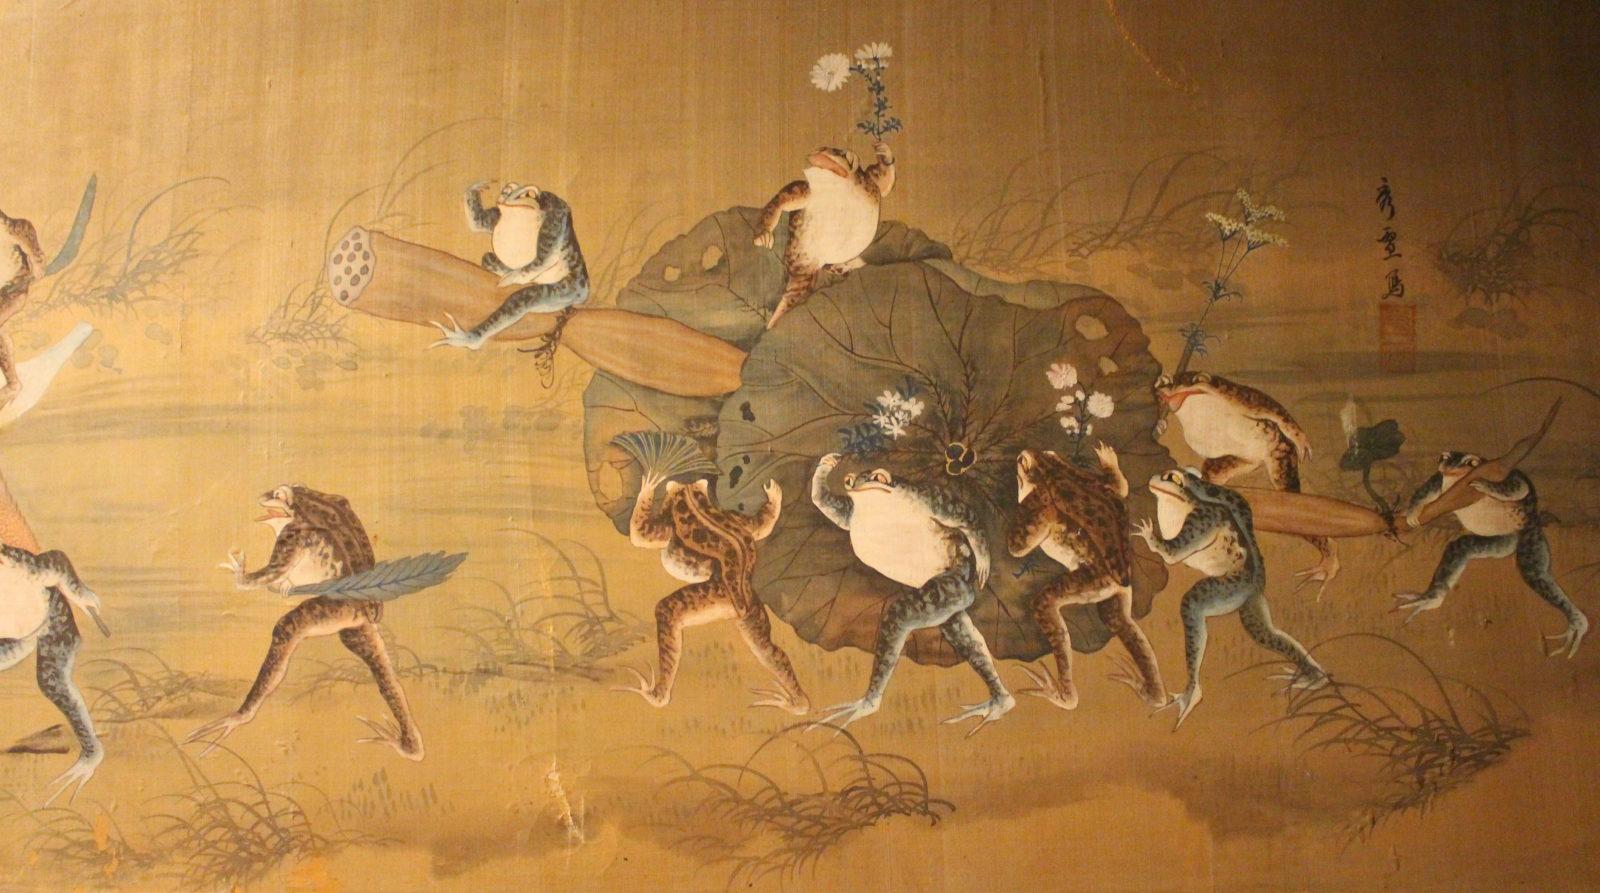 Peintures sur soie Musée Ariana genève